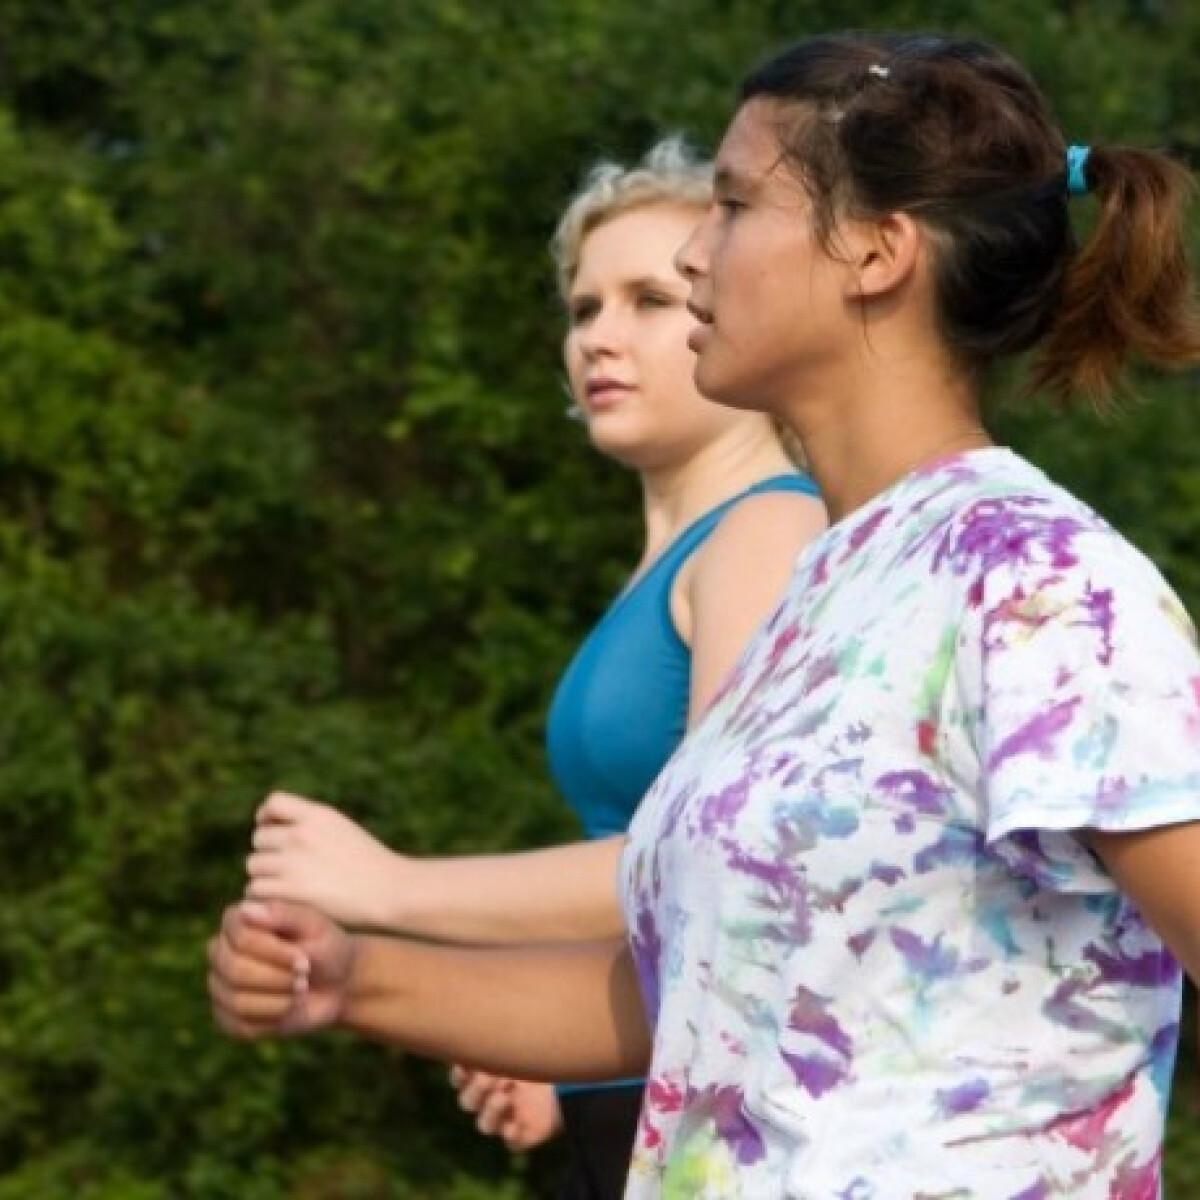 Rázd bikinibe magad! Ha nem szeretnél futni, fogyj le pár kilót gyaloglással!